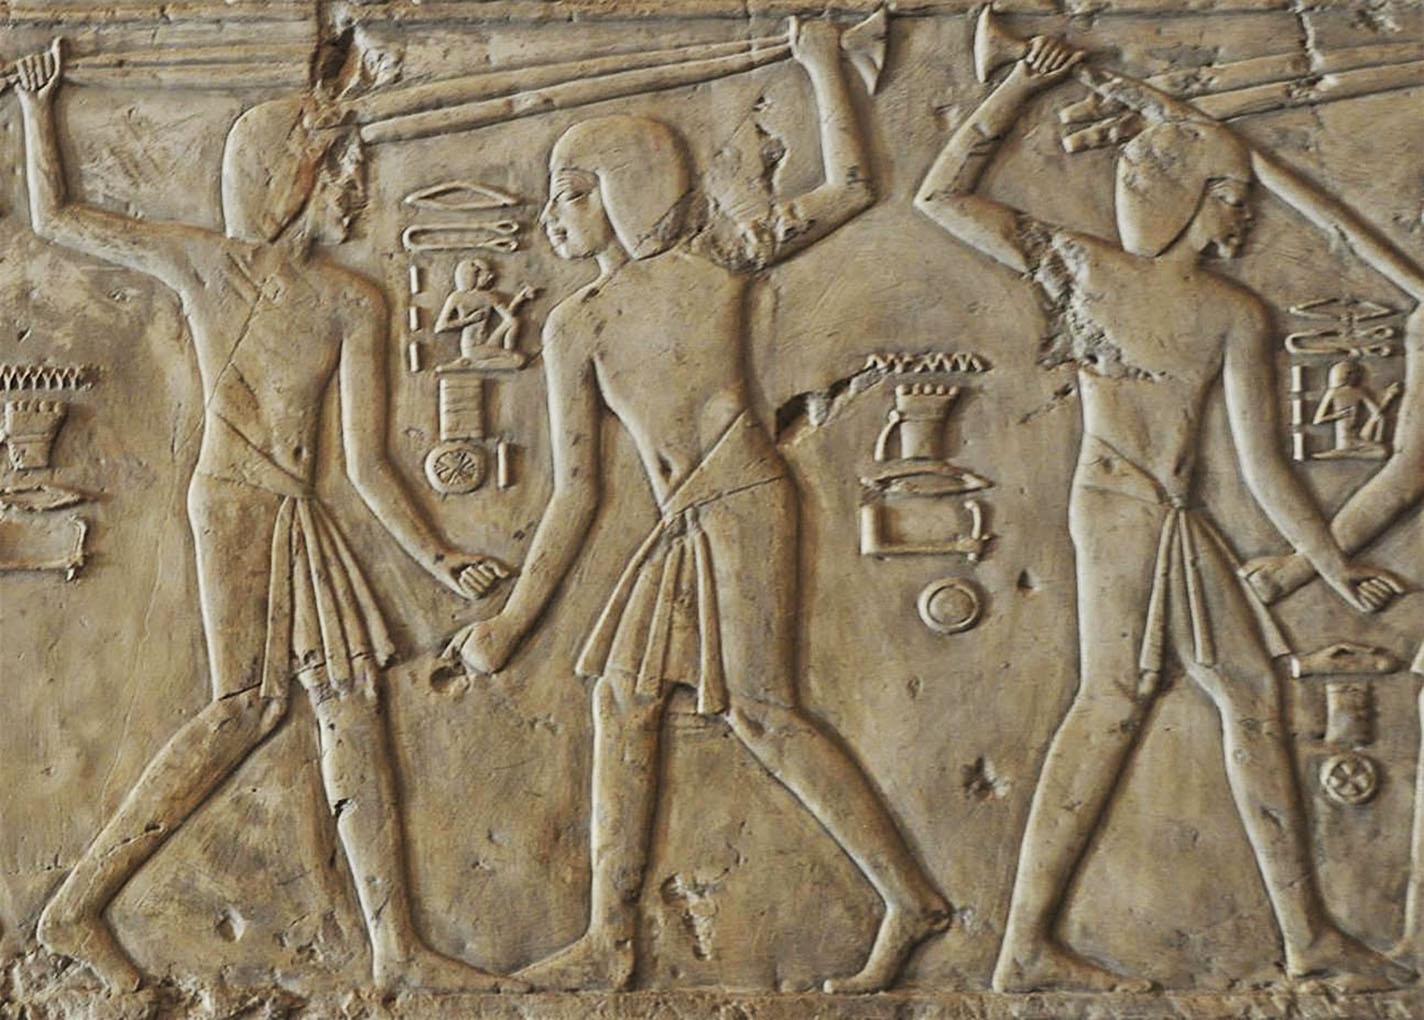 Tahtib der ägyptische Stockkampf.